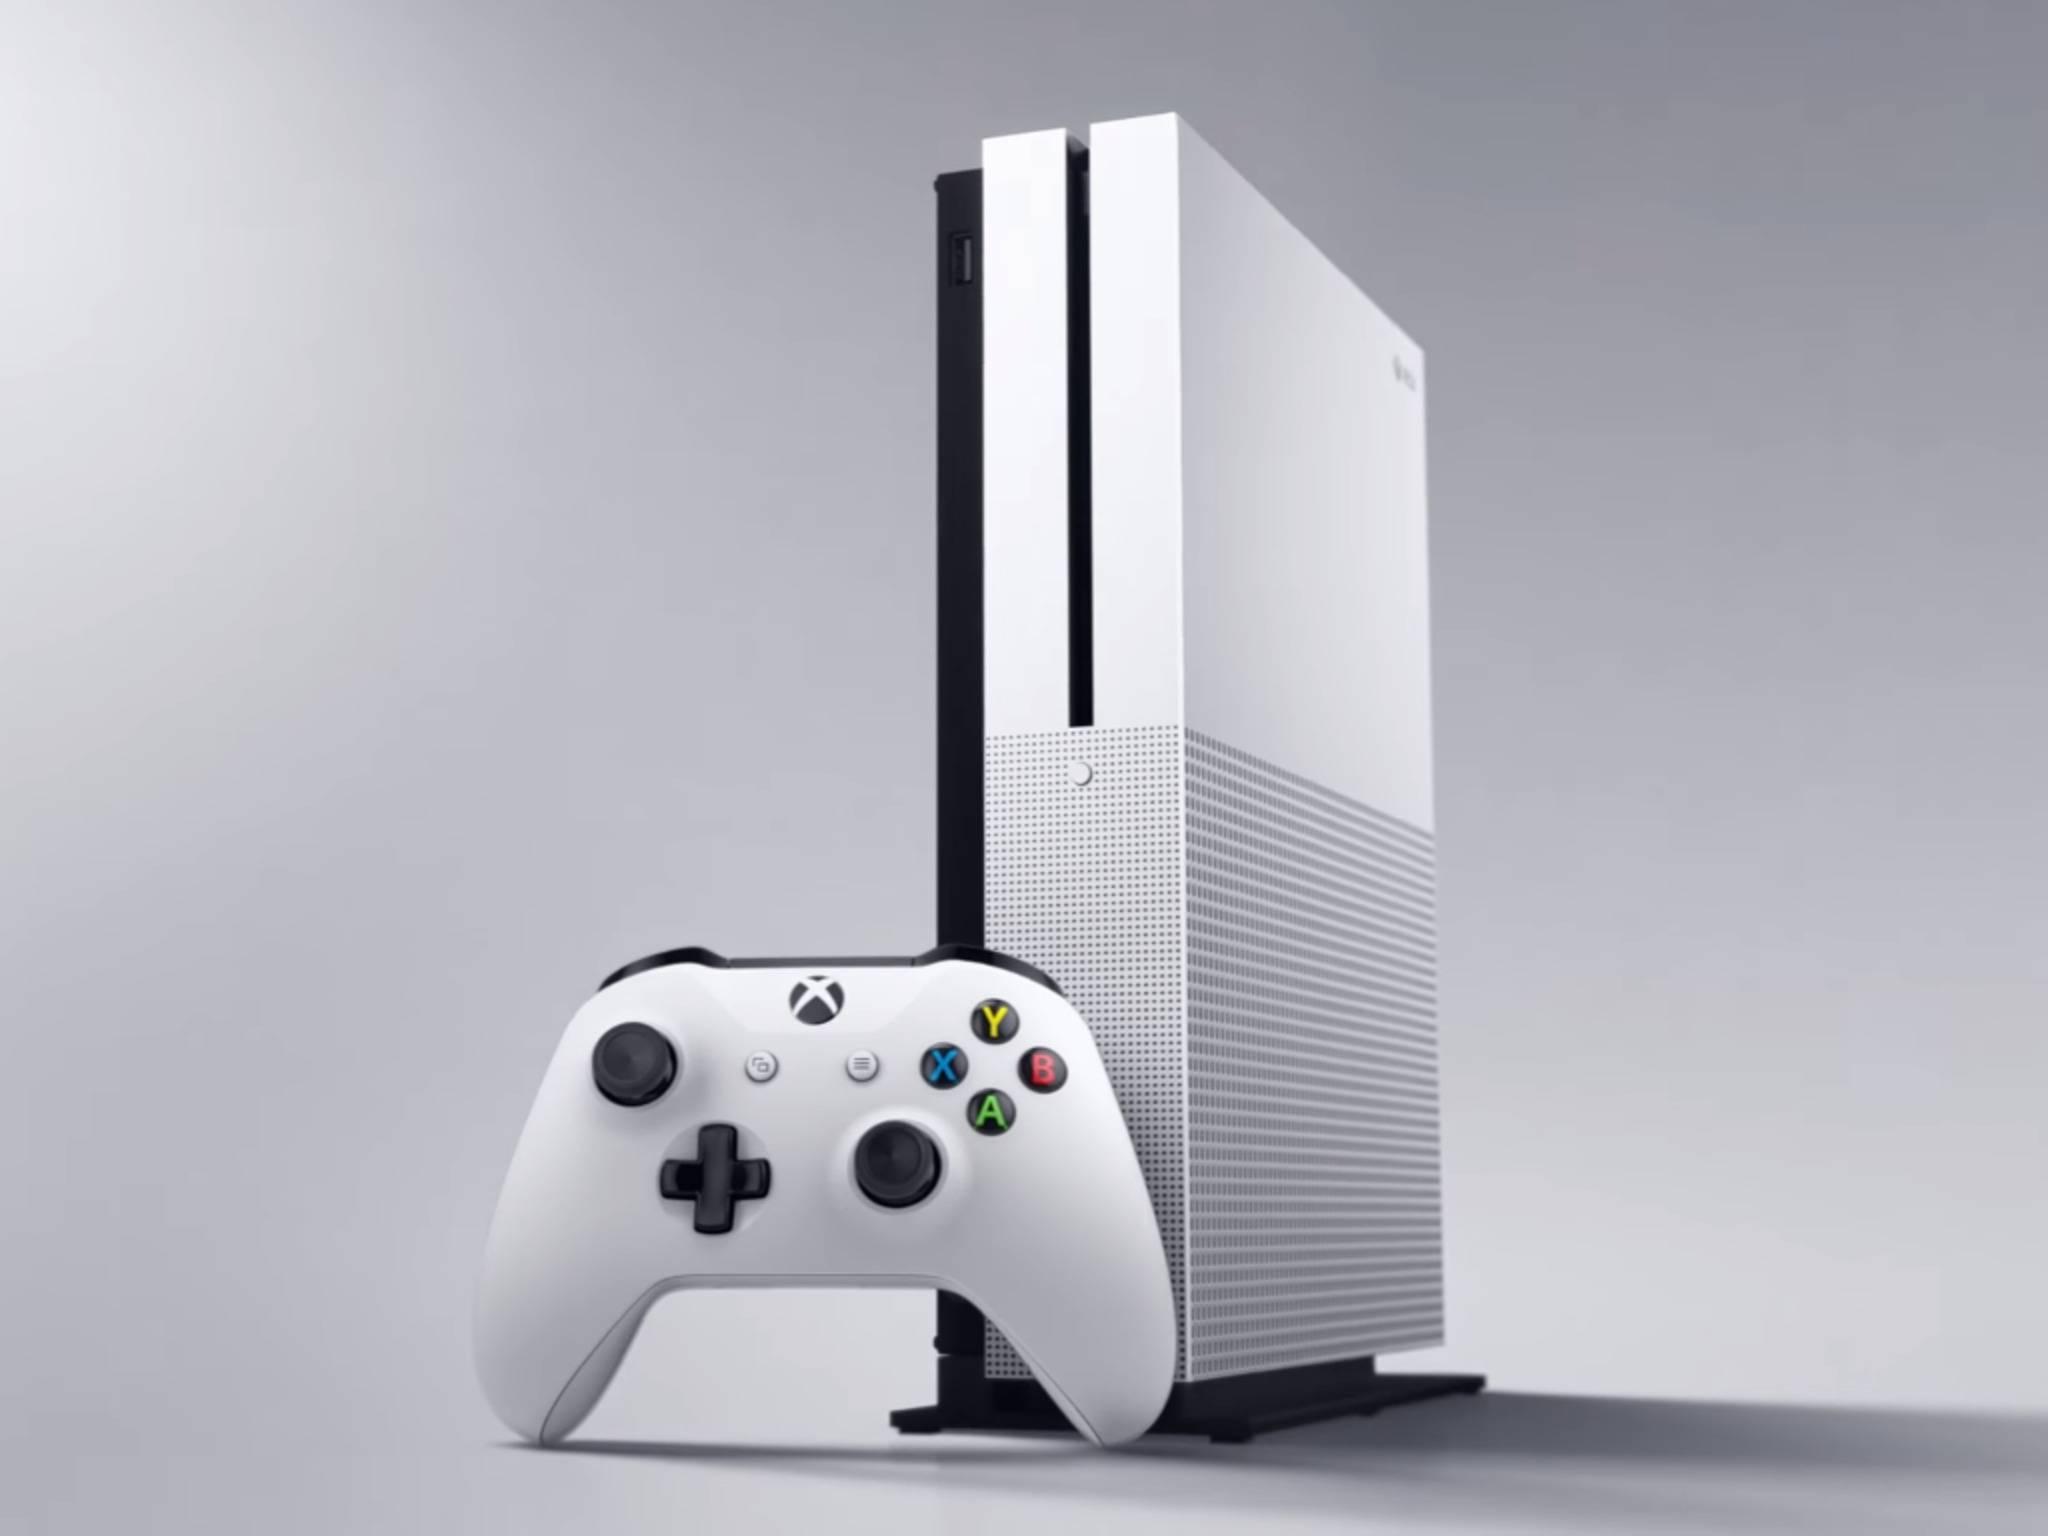 Die 2-TB-Version der Xbox One S erscheint am 2. August.